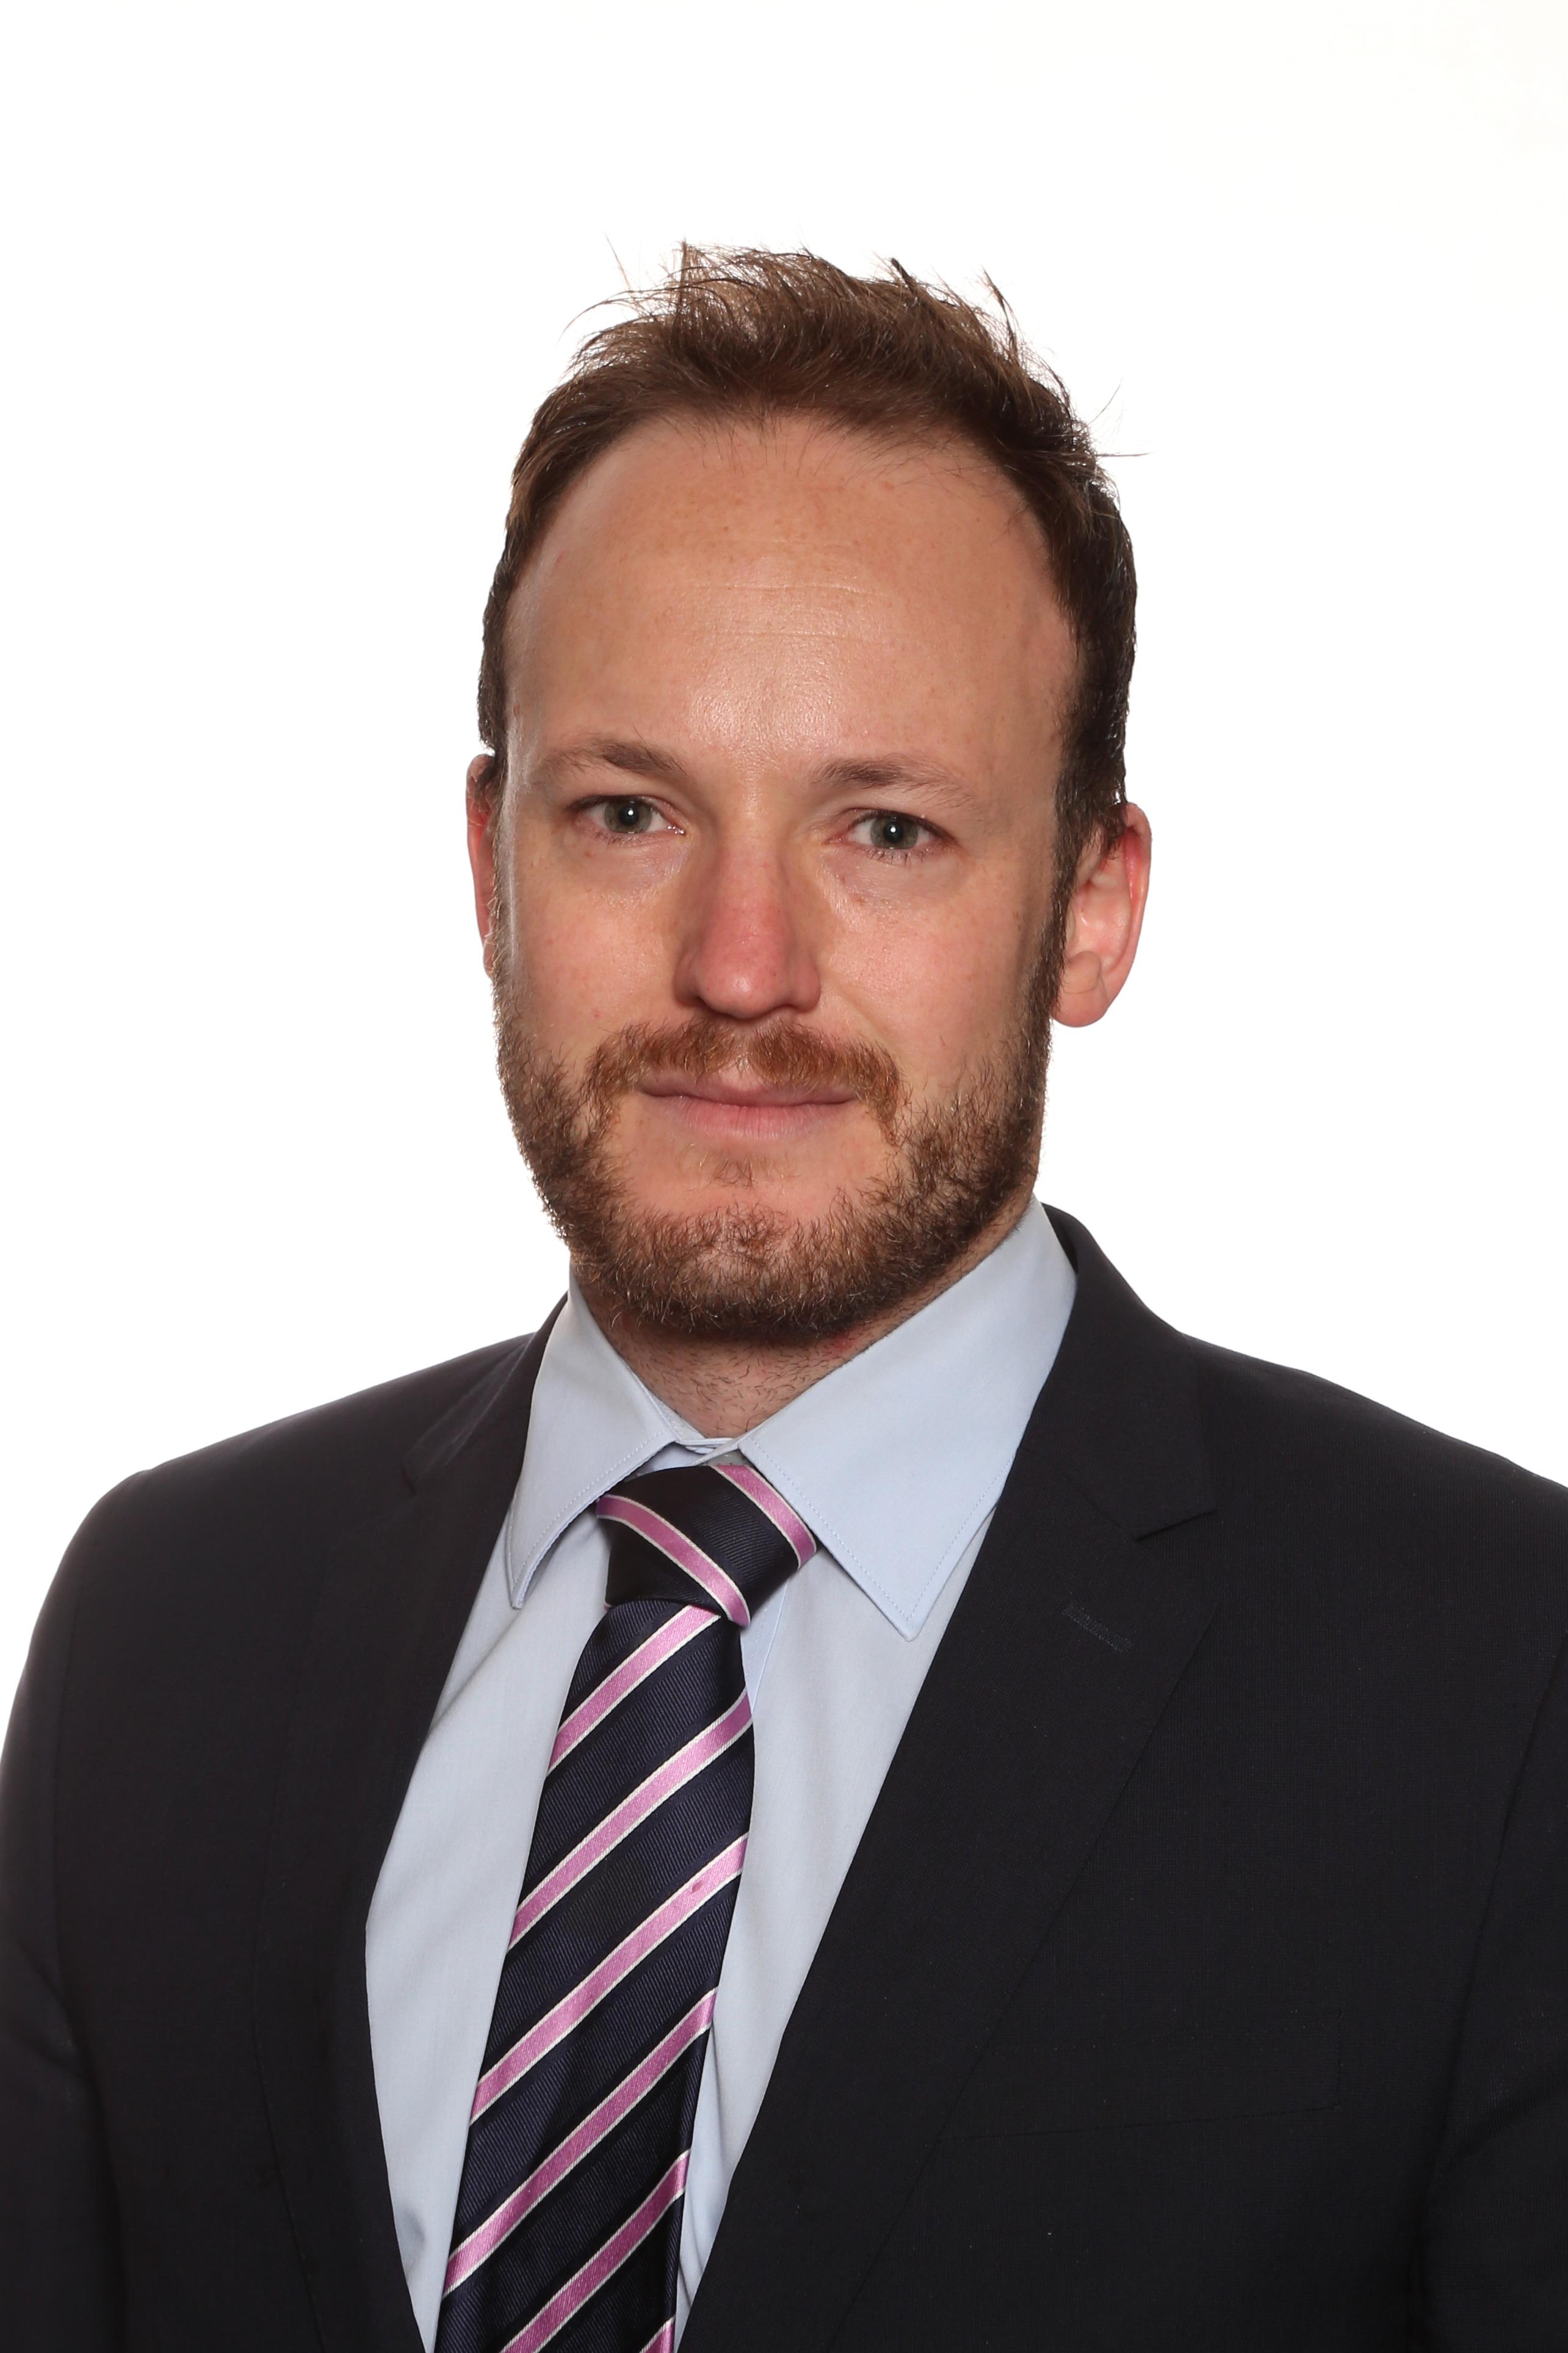 Daniel Bongiorno, BA, LLB (Hons) (Melb), LLM (Dist) (Georgetown)